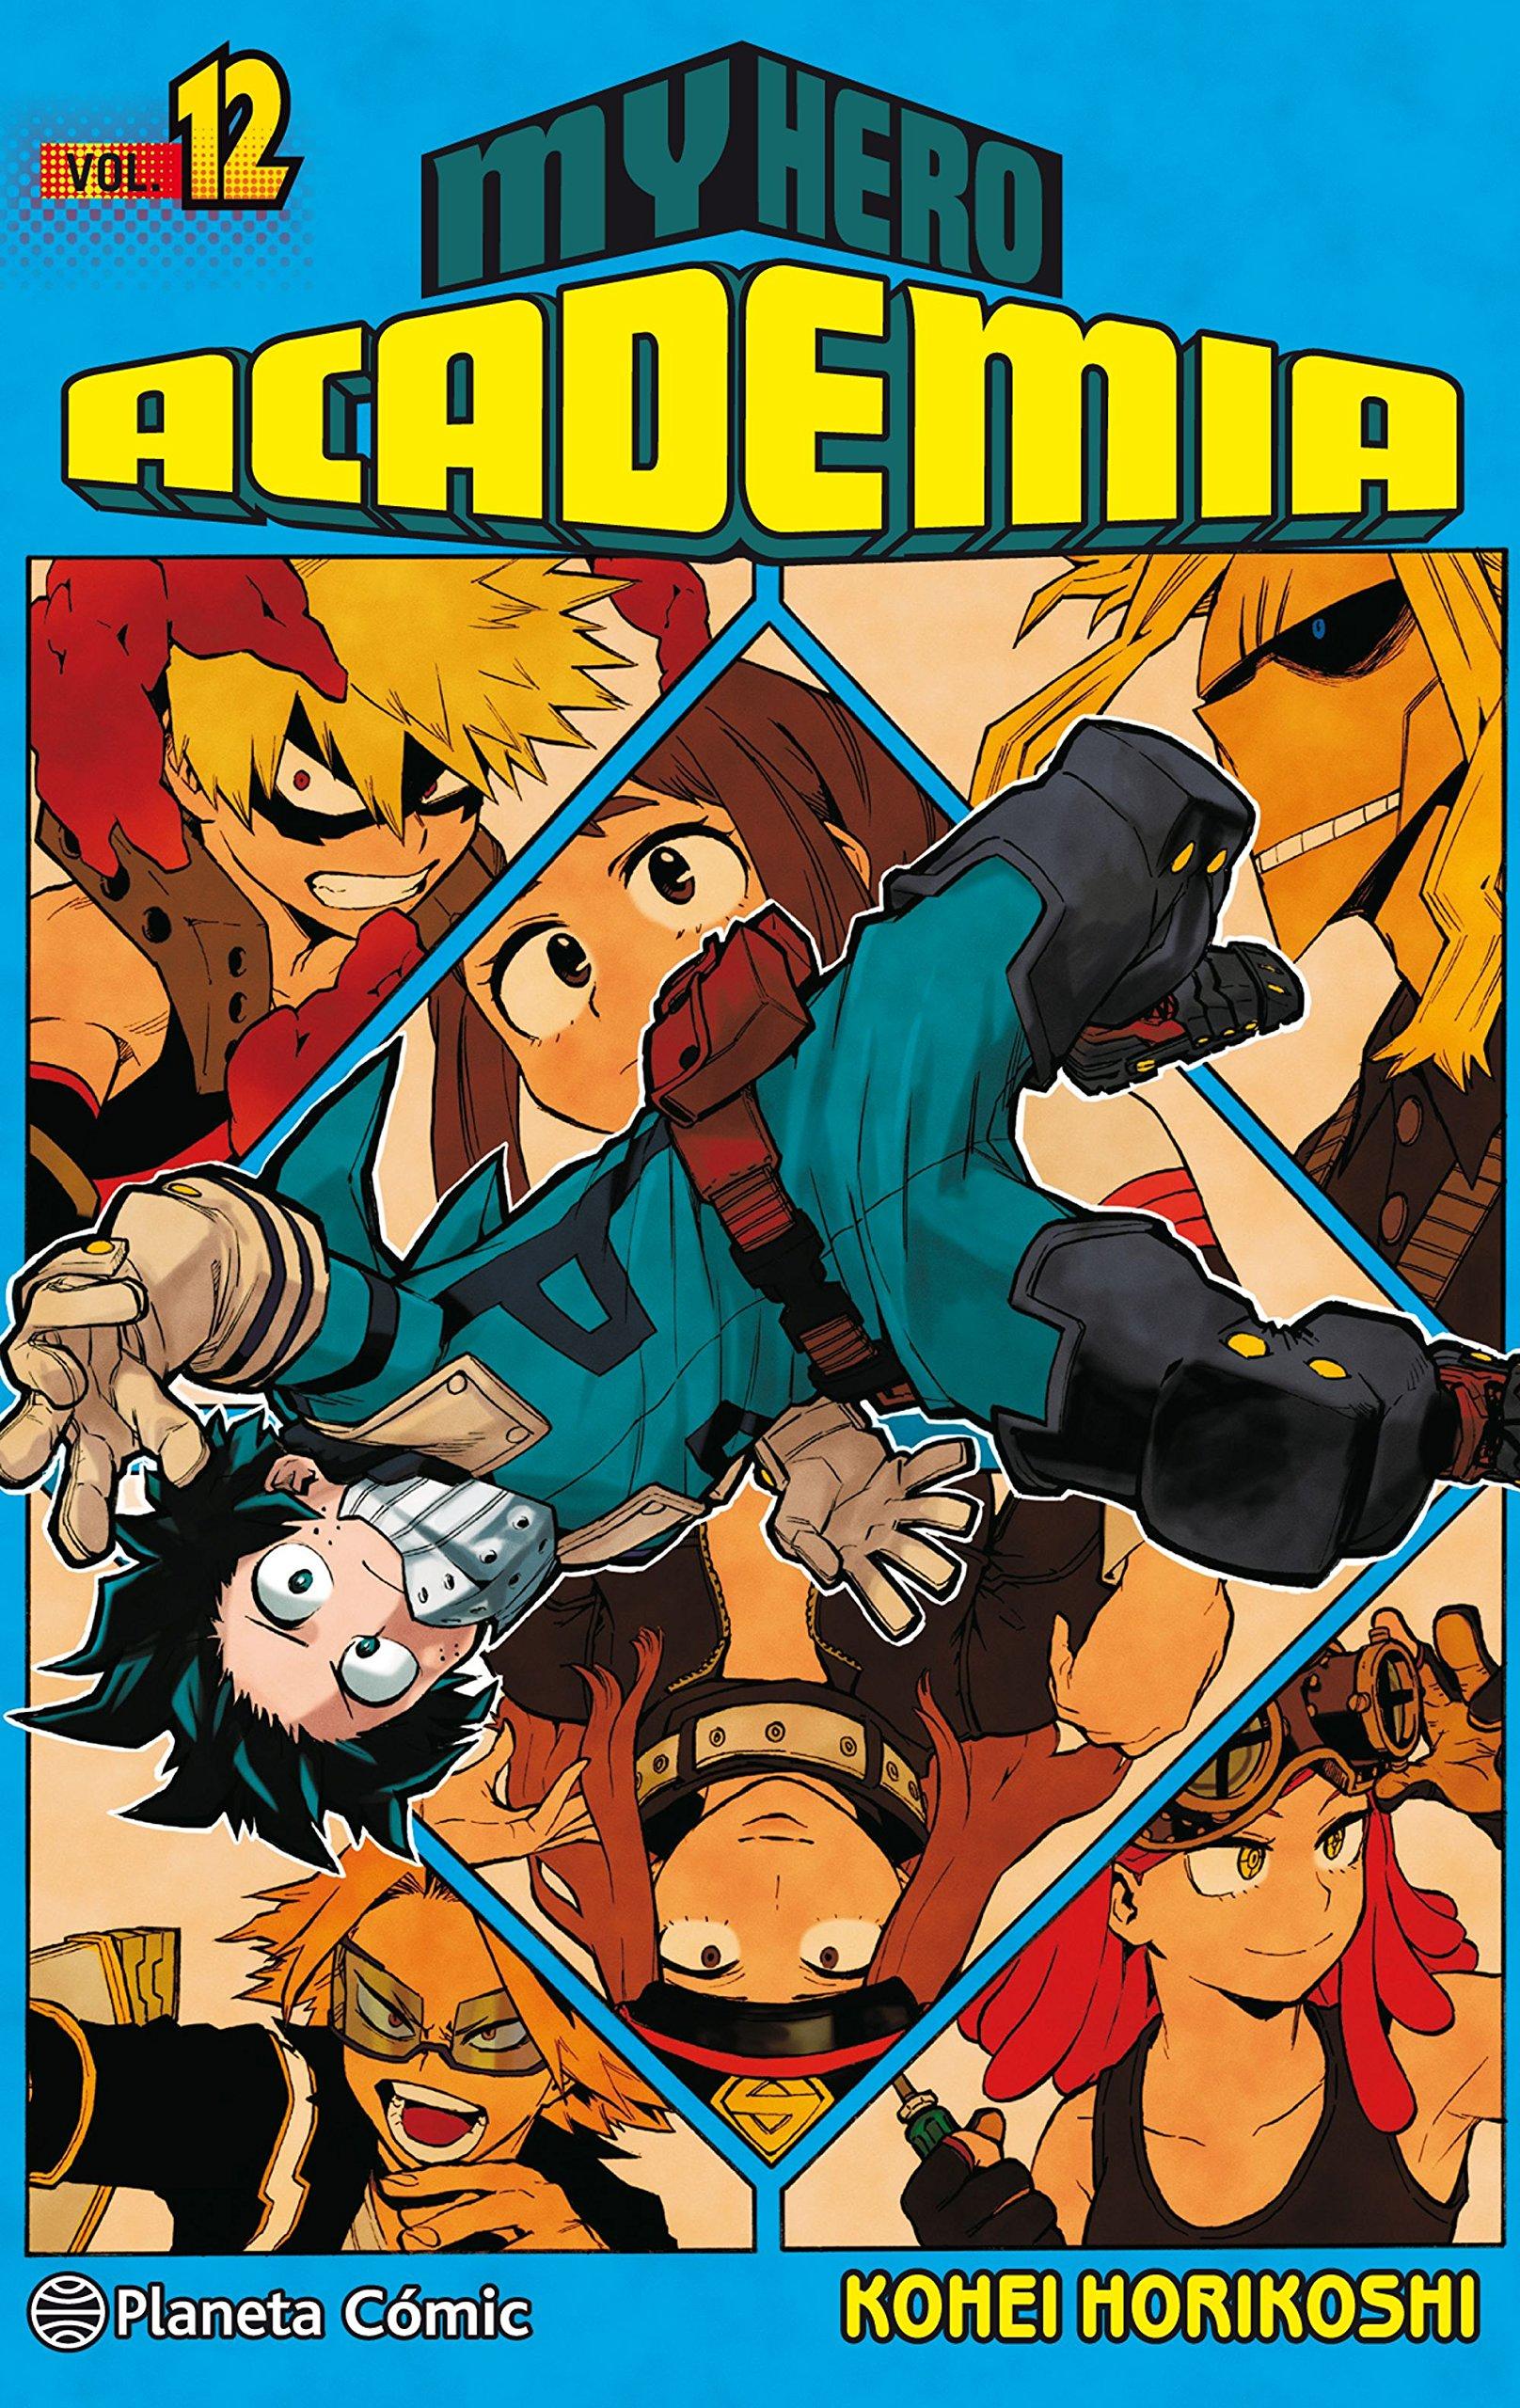 My Hero Academia nº 12 (Manga Shonen) Tapa blanda – 18 sep 2018 Kohei Horikoshi Daruma Planeta DeAgostini Cómics 8491468544